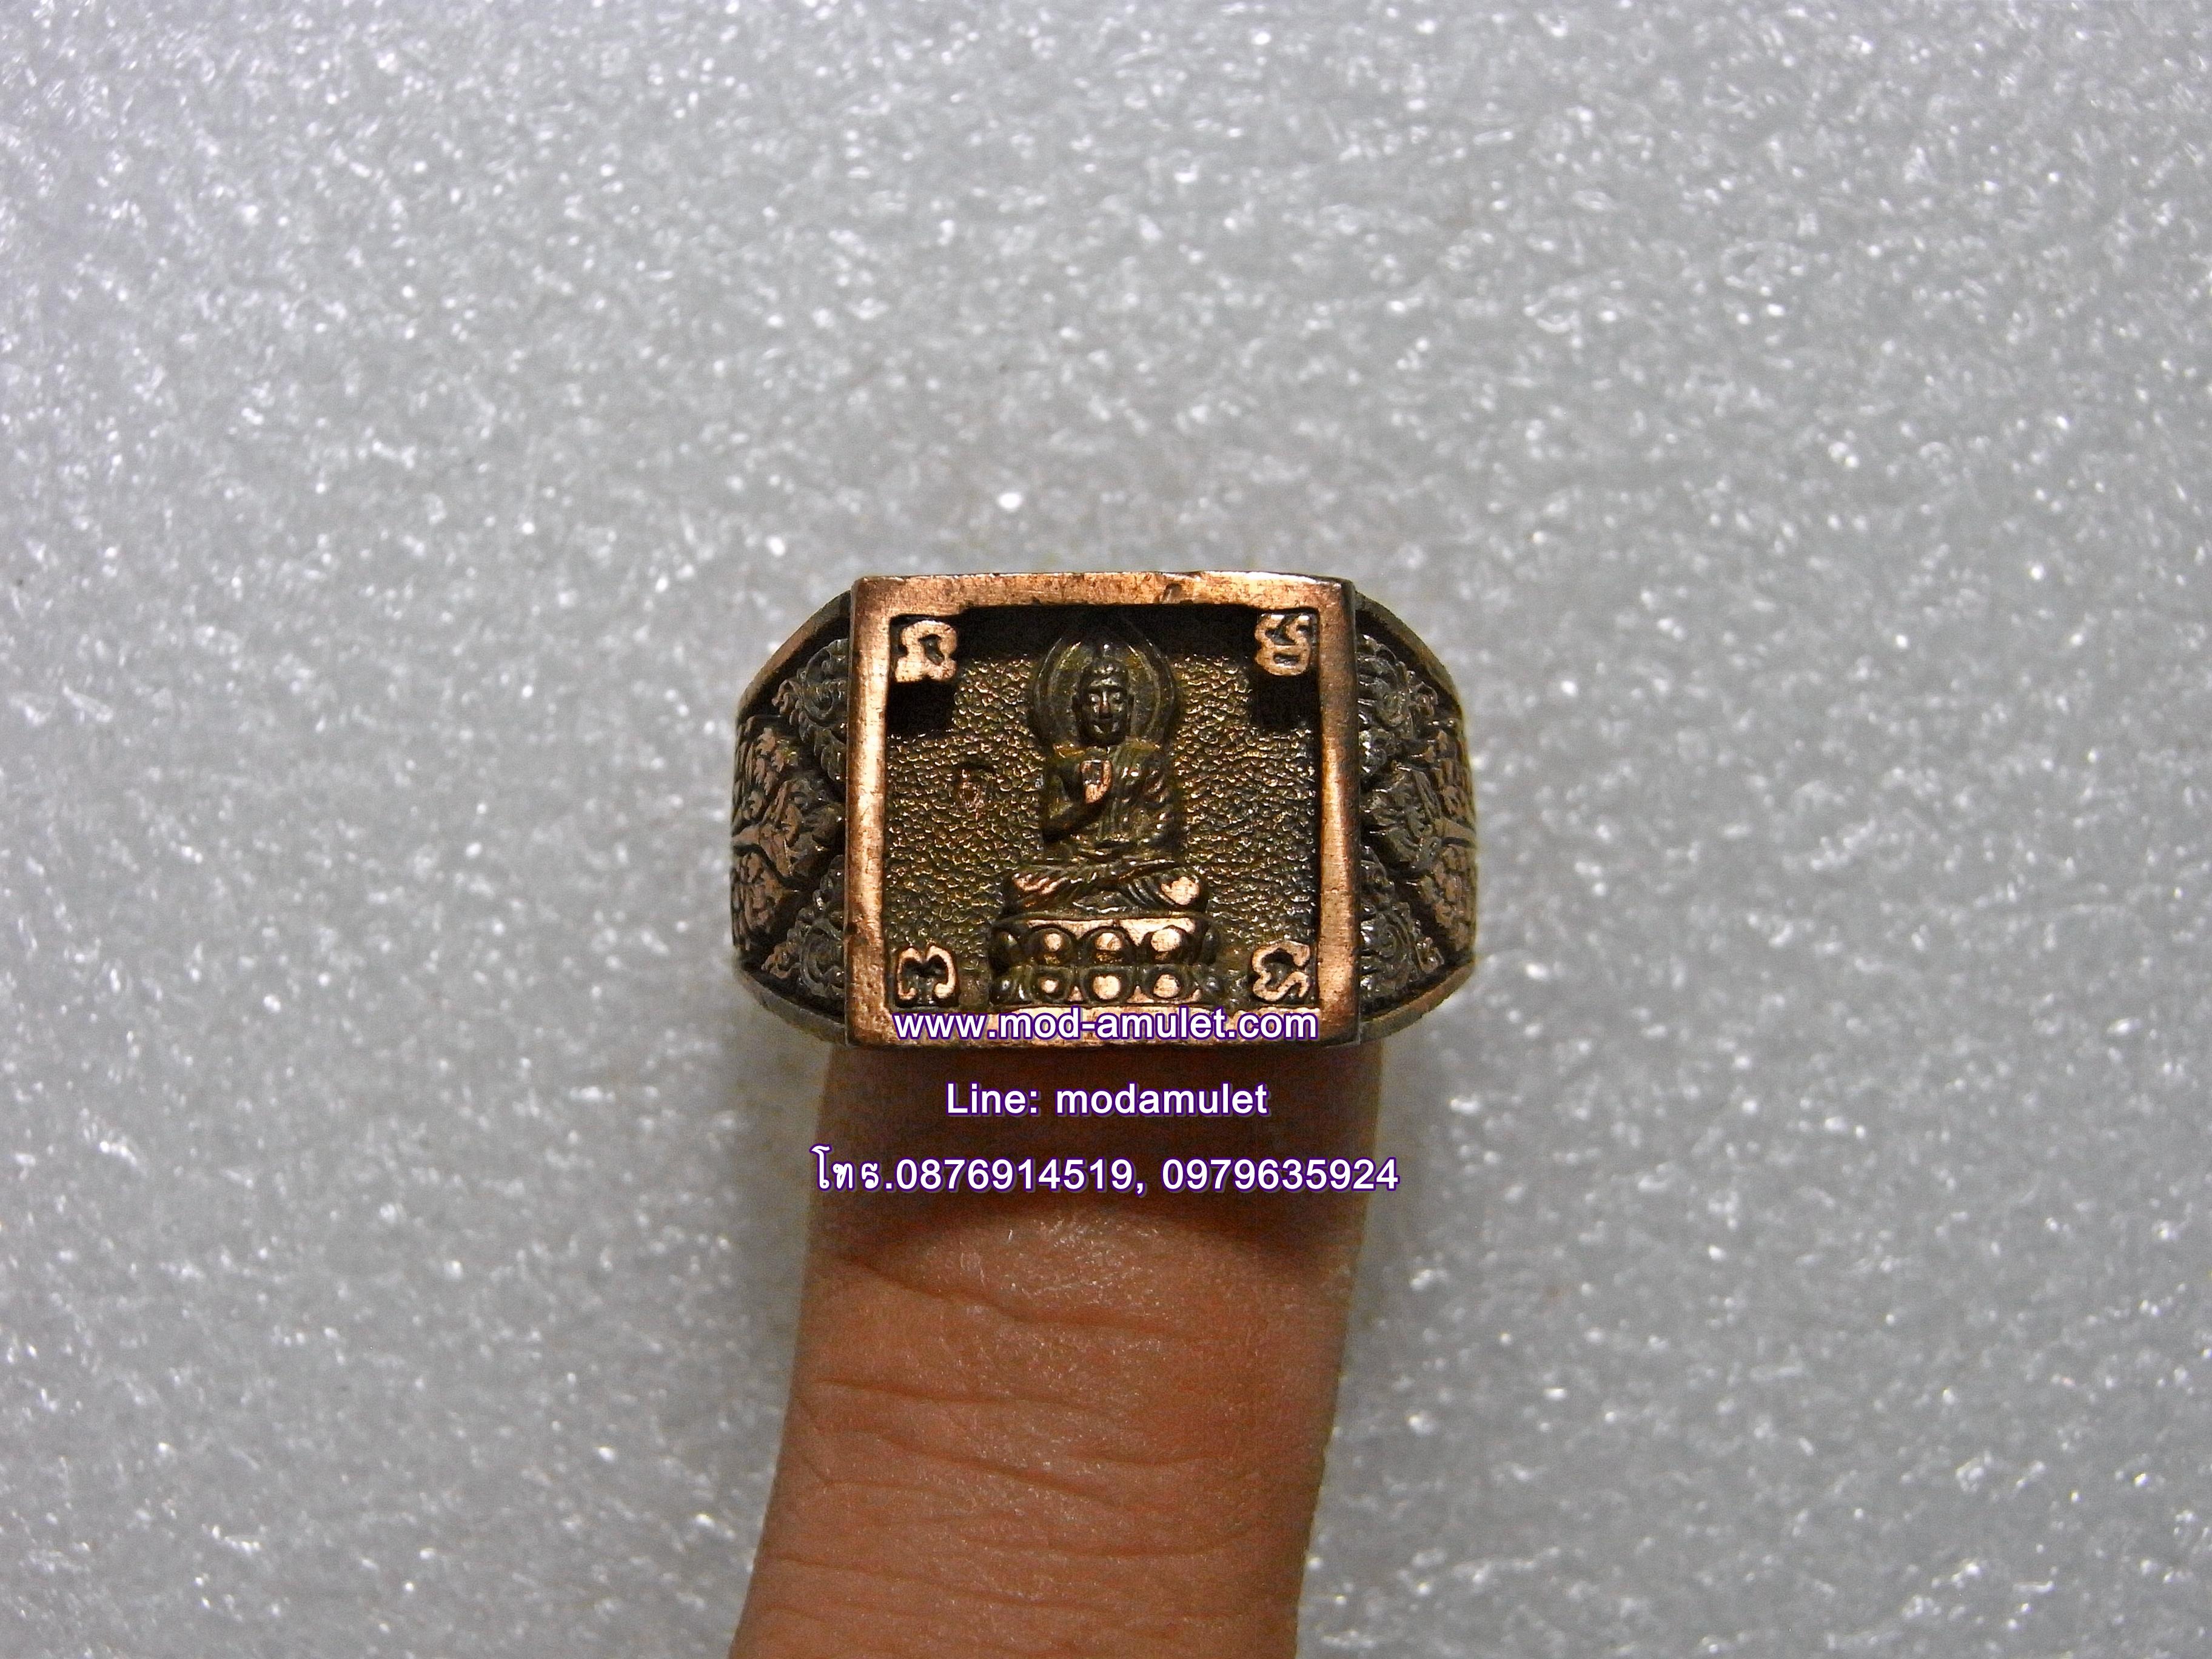 แหวนพระประทานพร เนื้อนวะโลหะ ปี2540 วัดสะแก (2)